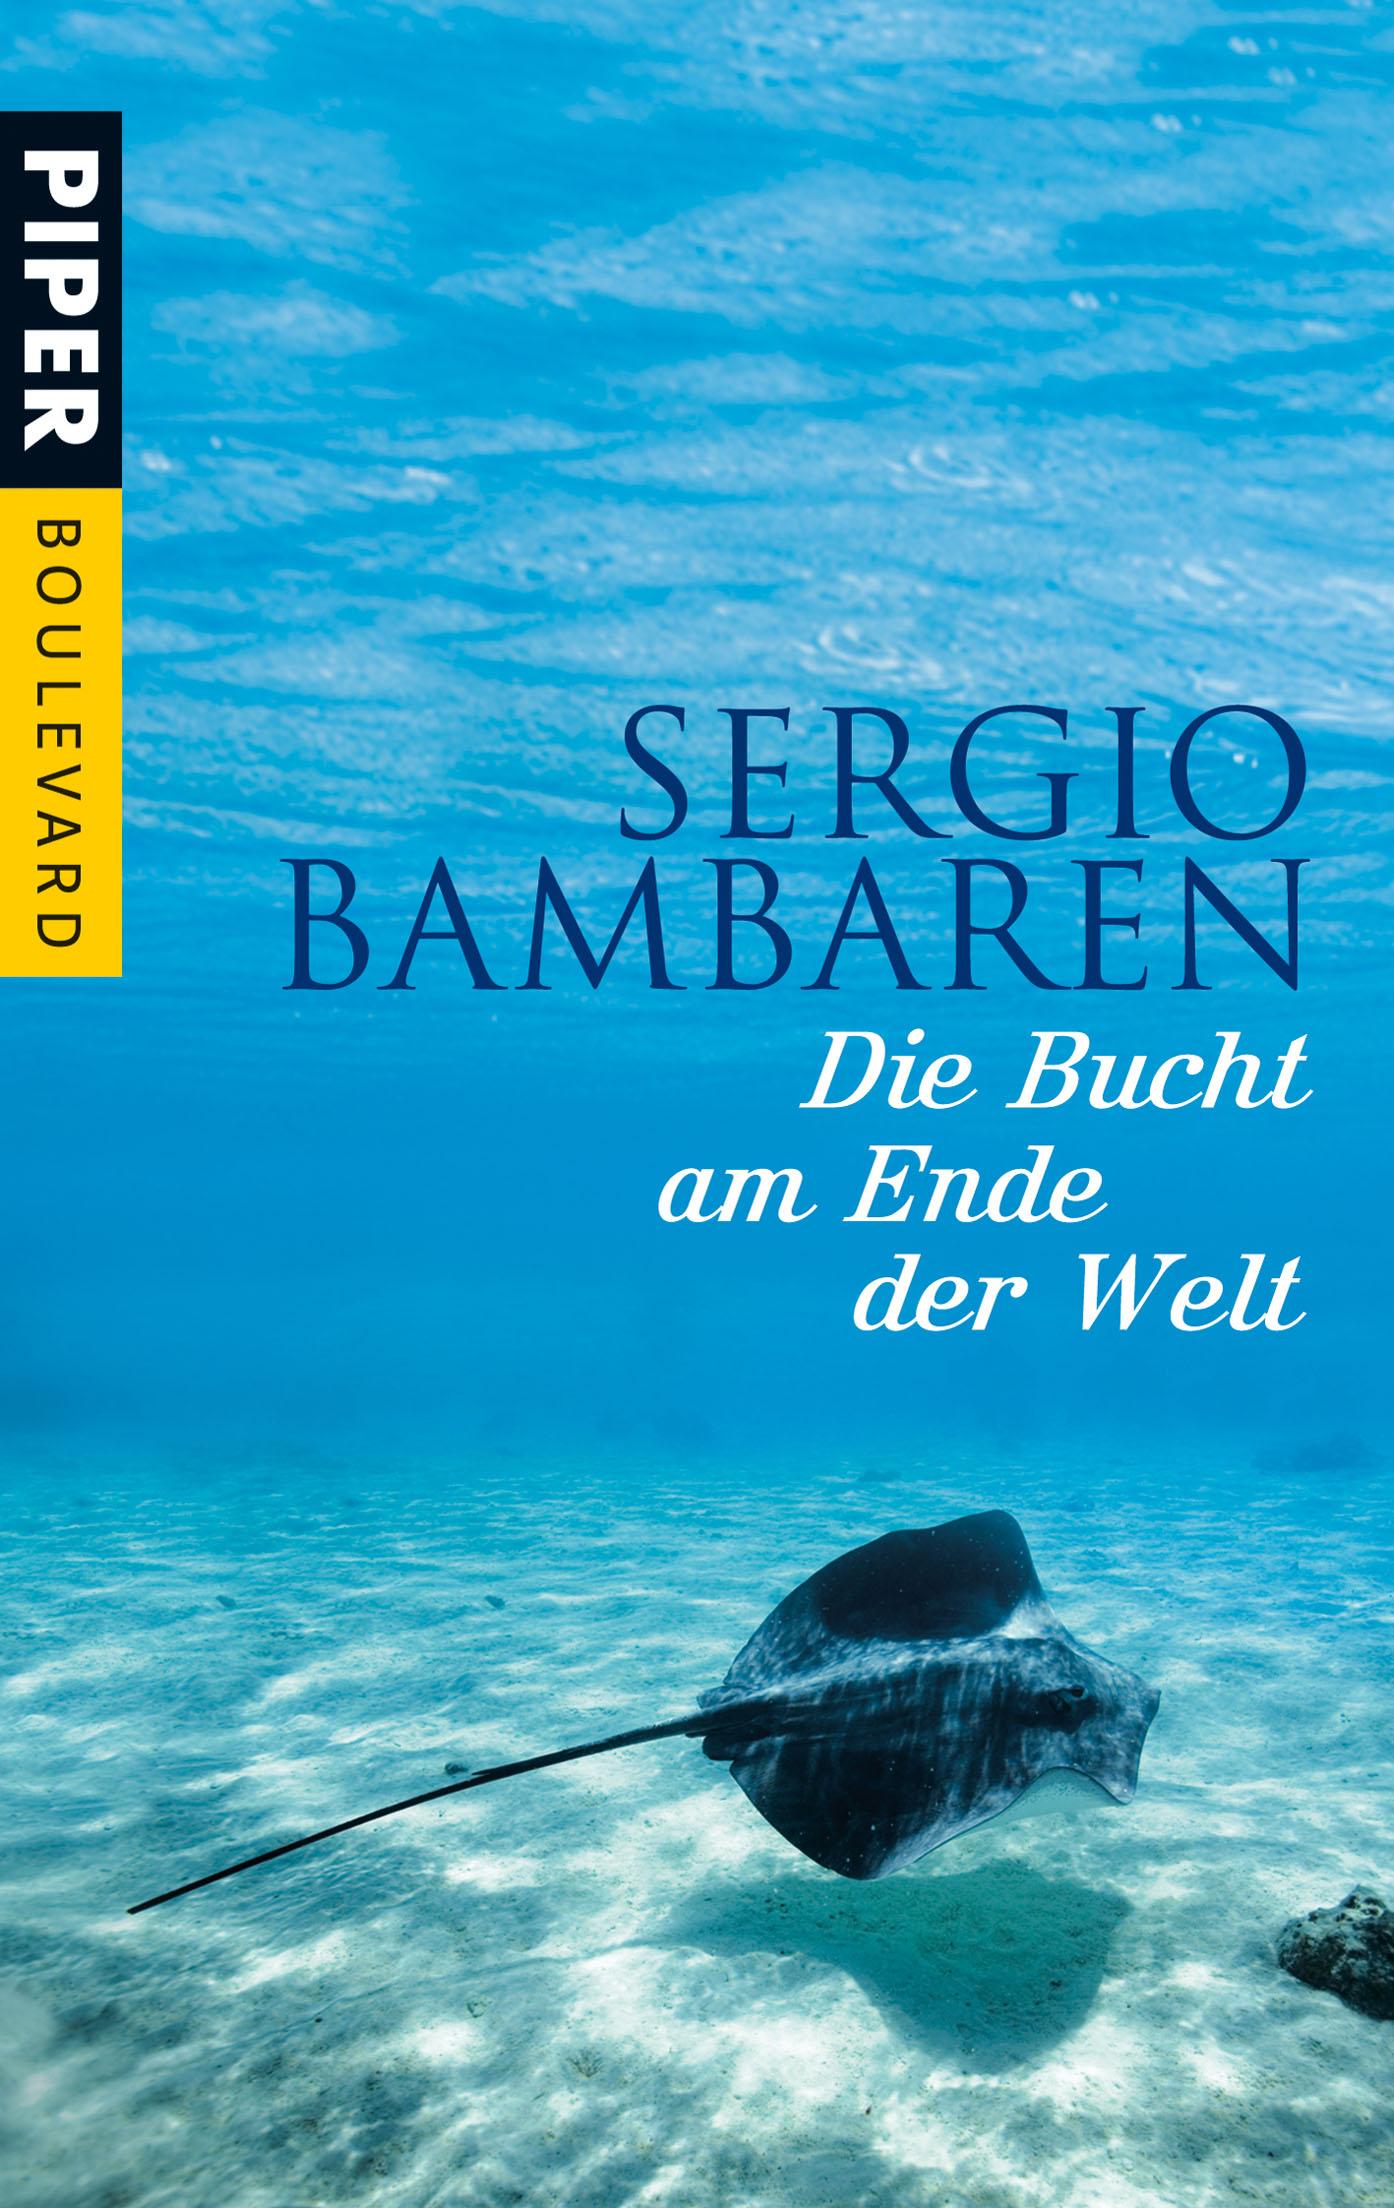 Die Bucht am Ende der Welt - Sergio Bambaren